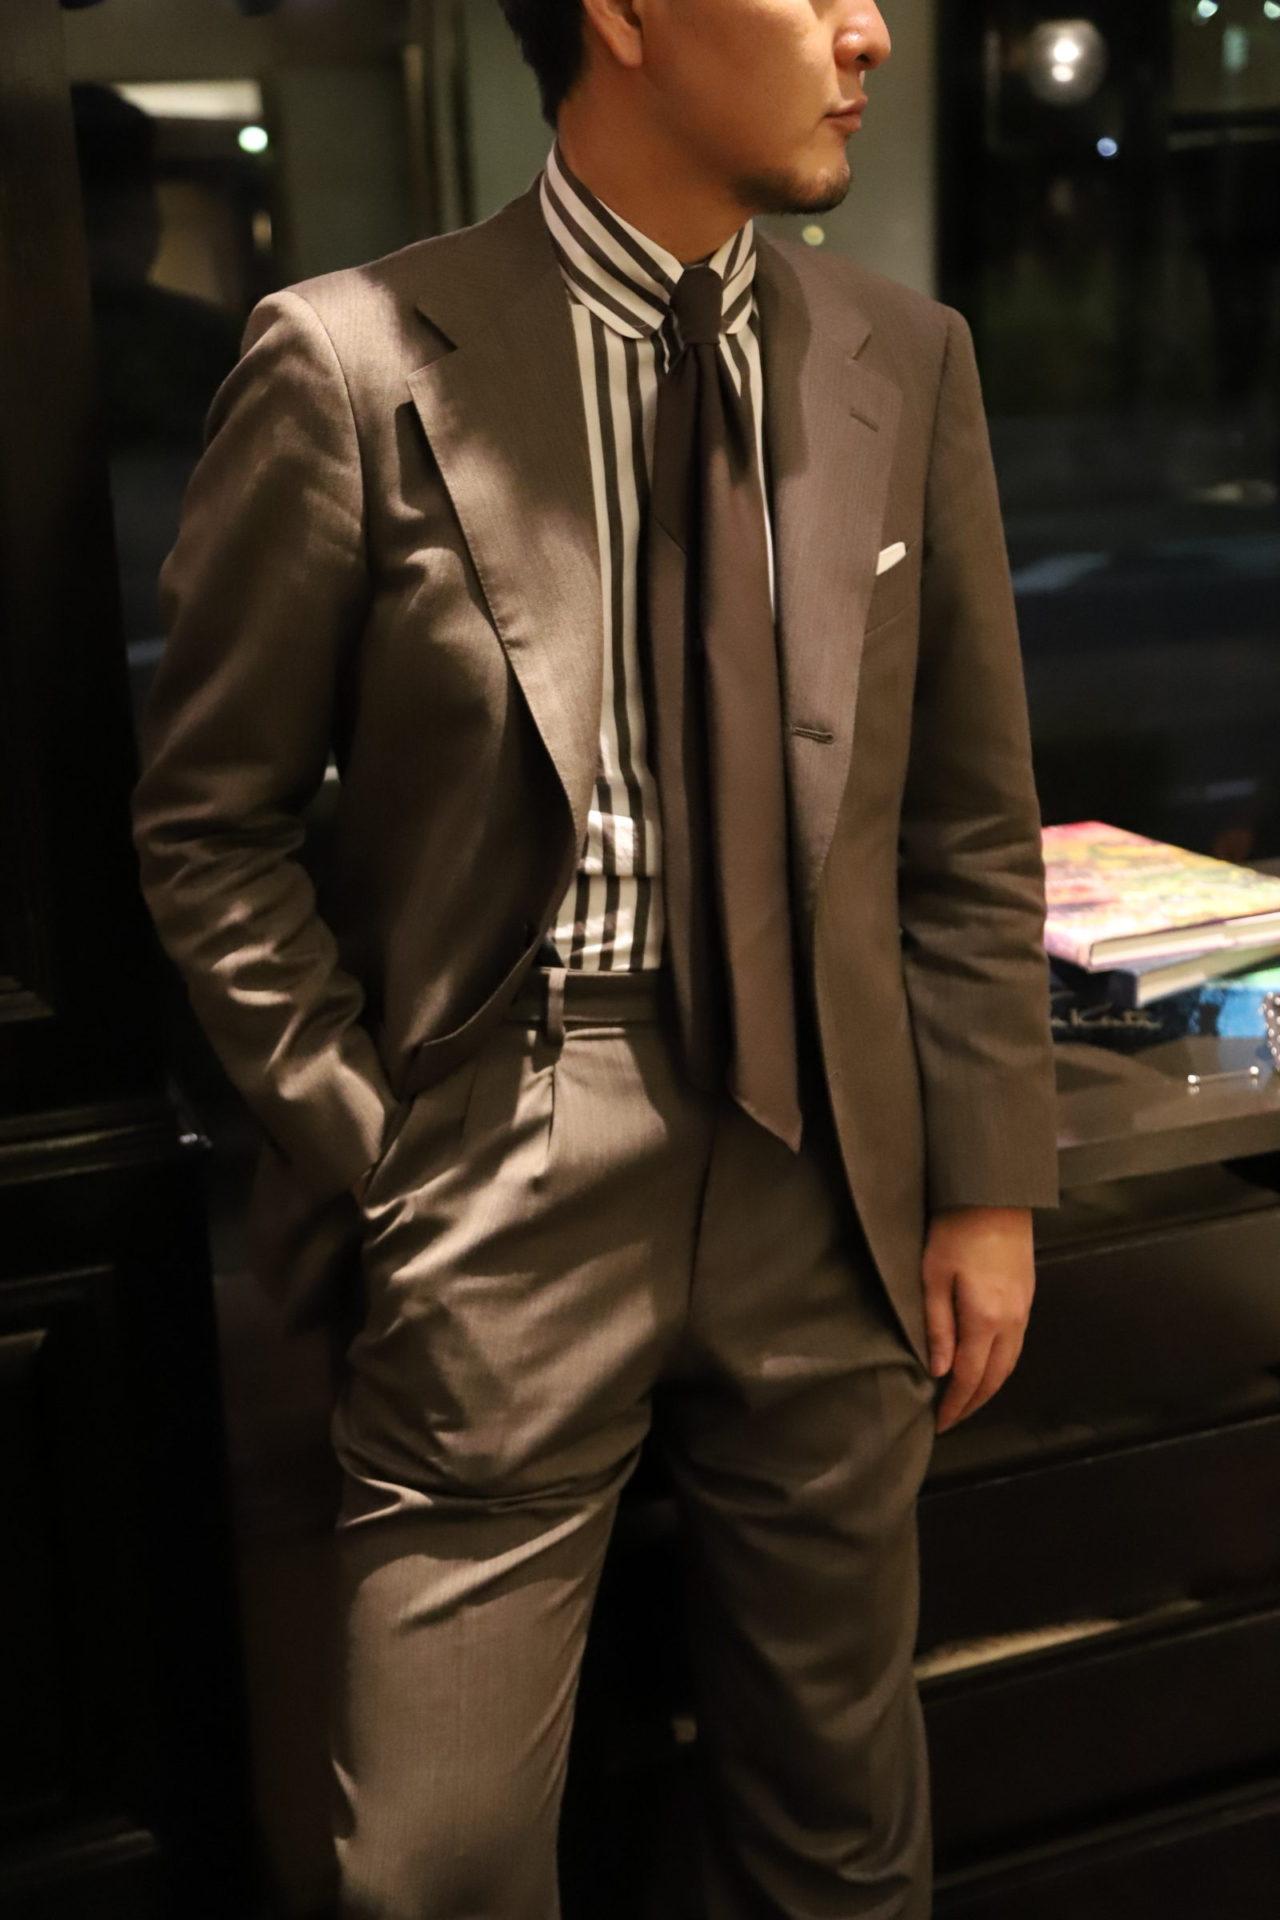 アット ヴァンヌッチ(Atto Vannucci)のブラウンのセッテピエゲのネクタイをザ・ジーズ・ハイドアウト(THE G'S HIDEOUT.)のブラウンオーダースーツに合わせたスタイル。